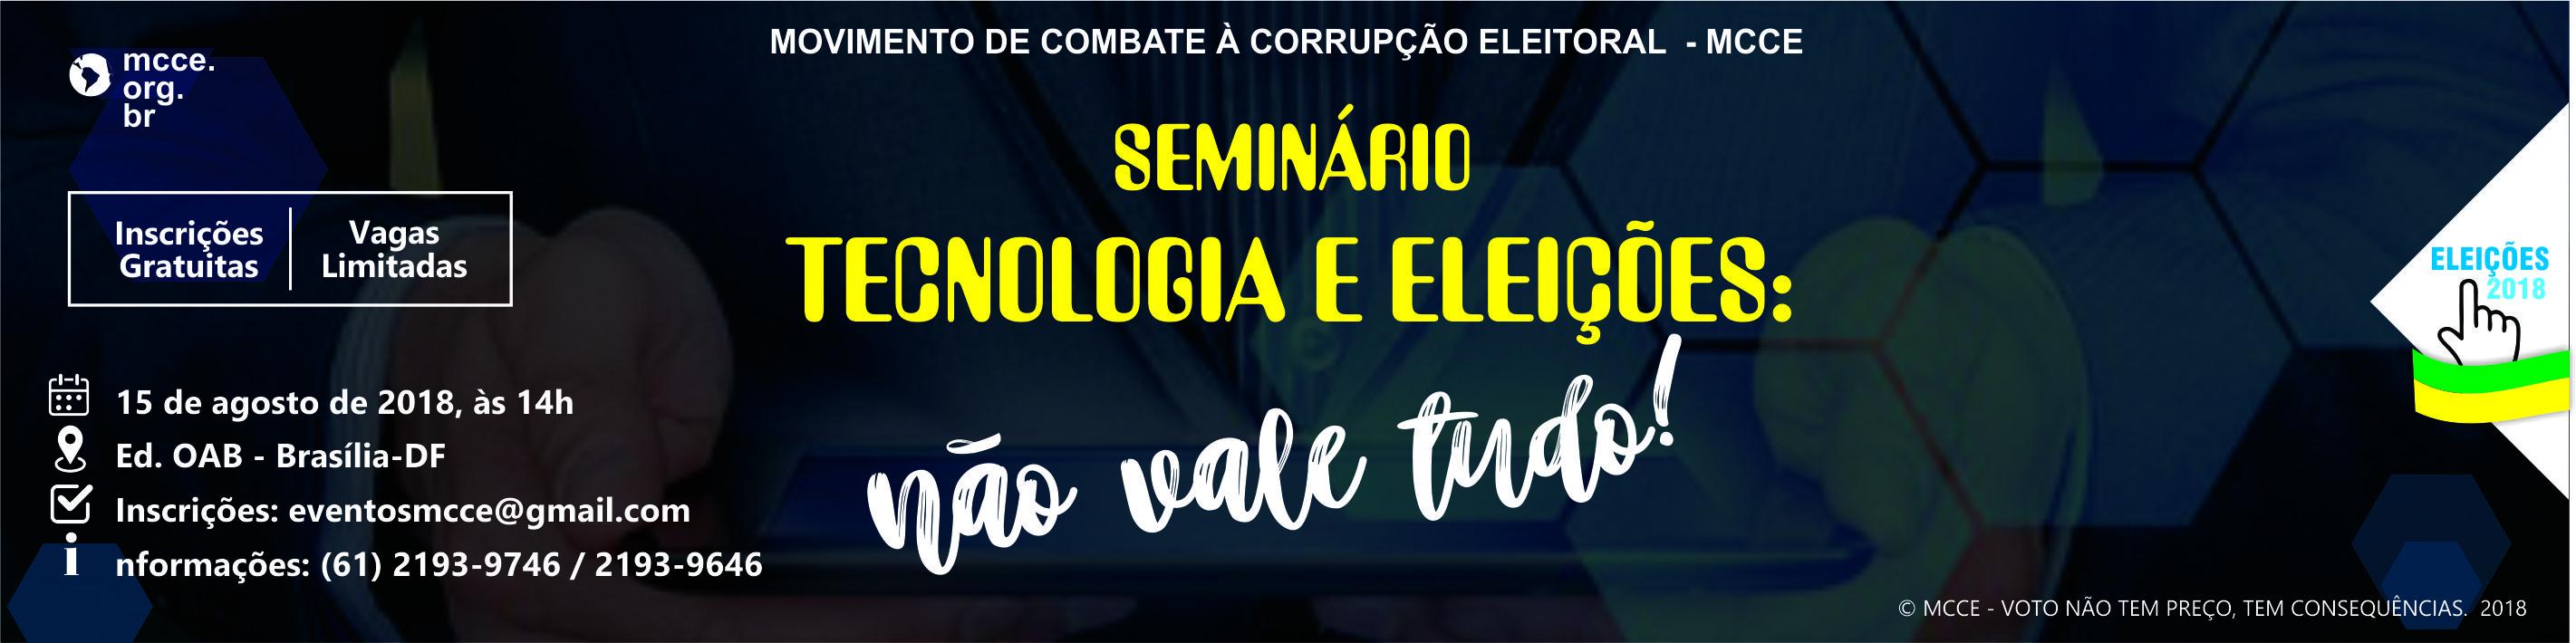 Seminário Tecnologia e Eleições: Não Vale Tudo!